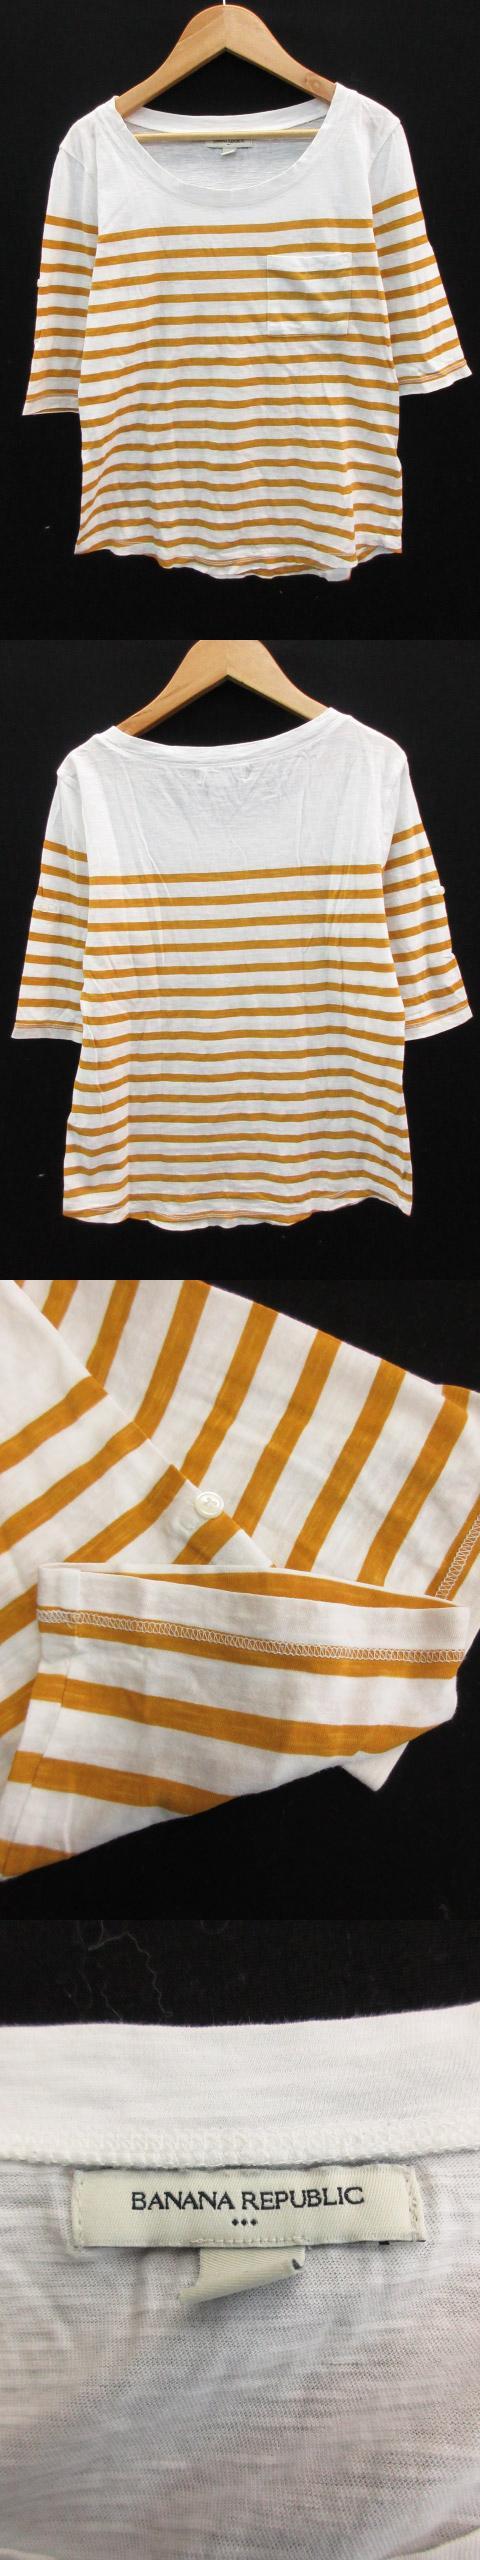 Tシャツ カットソー 七分袖 Uネック ボーダー S 白 オレンジ ホワイト /FF34